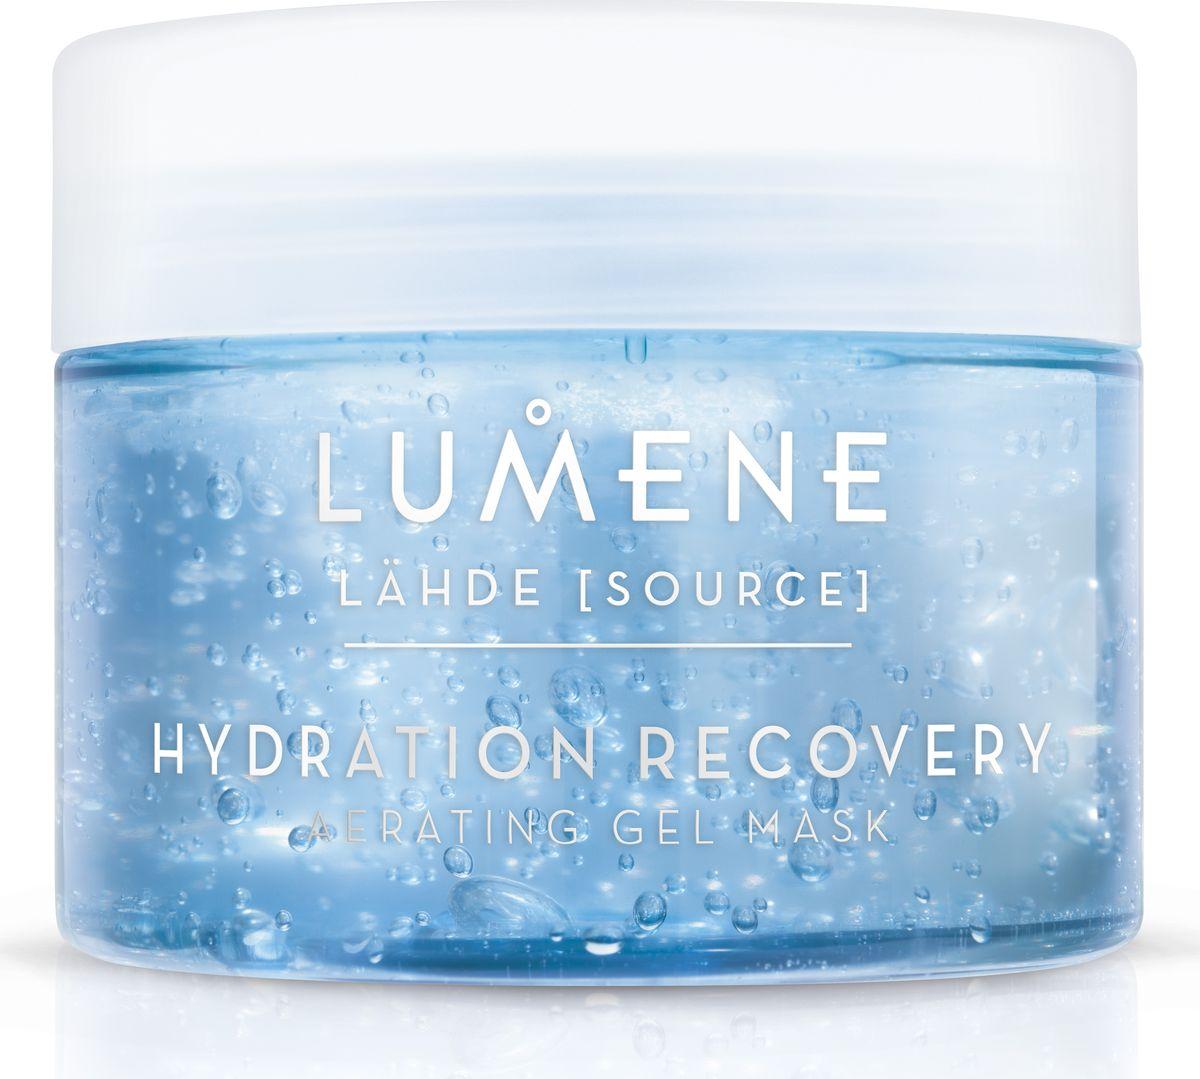 Lumene Lahde Кислородная увлажняющая и восстанавливающая маска, 150 млNL580-80326Мгновенный заряд увлажнения для обезвоженной кожи. Увлажняющие компоненты разглаживают кожу и улучшают ее текстуру. Клетки наполняются кислородом, обновляются. В результате кожа гладкая и мягкая!